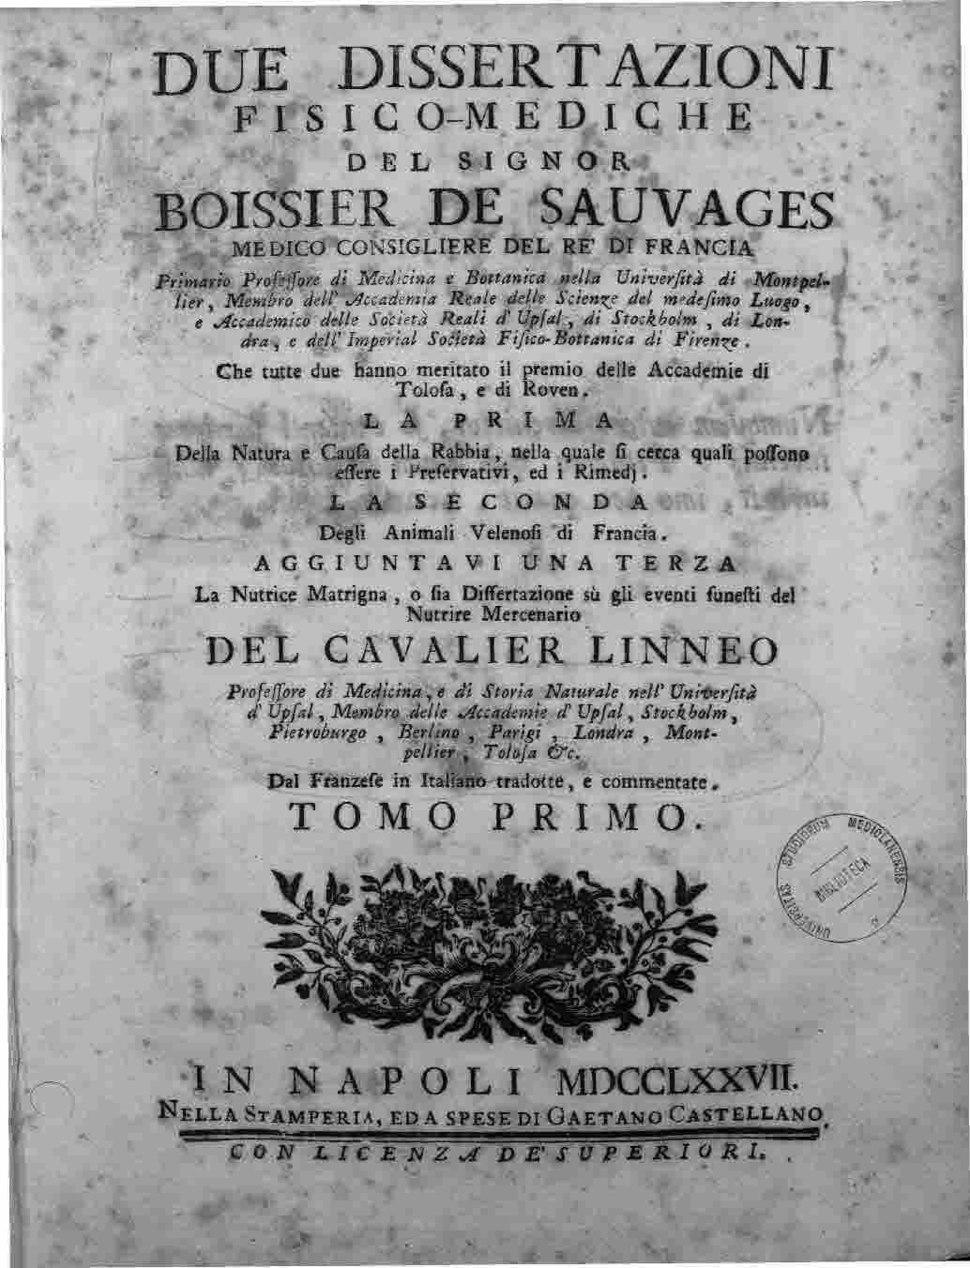 Sauvages de la Croix, François Boissier de – Dissertation sur la nature et la cause de la Rage, 1777 – BEIC 3001126